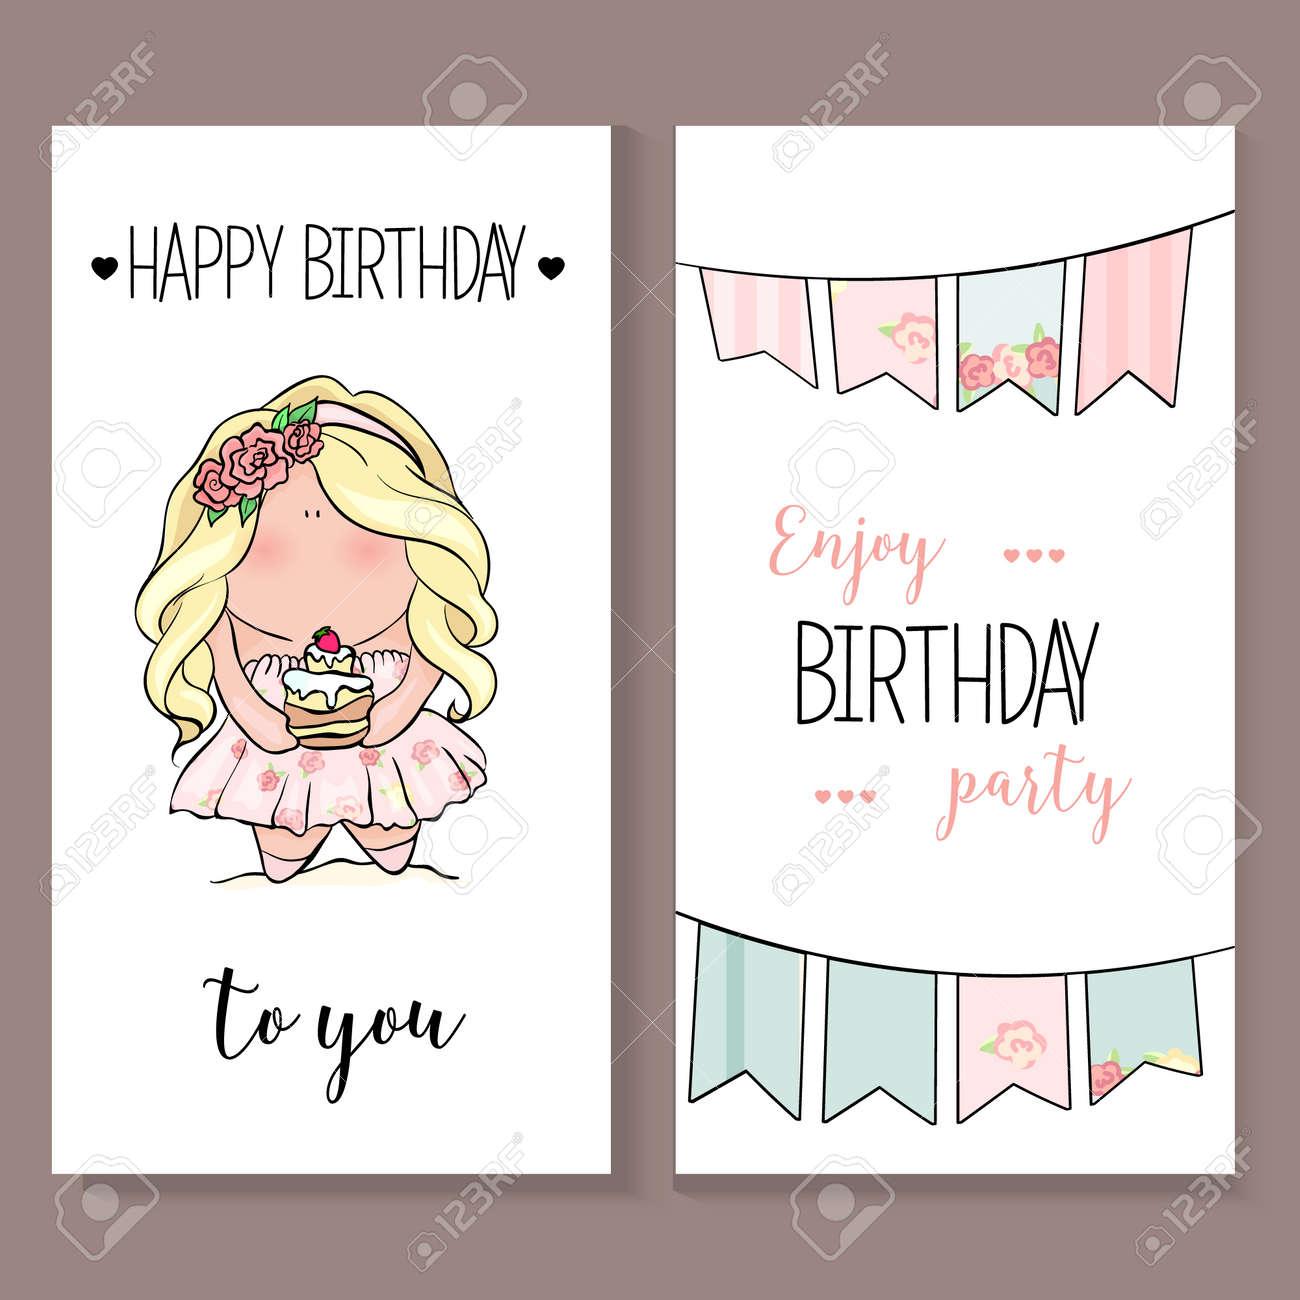 Nett Alles Gute Zum Geburtstag Färbung In Karten Ideen - Malvorlagen ...